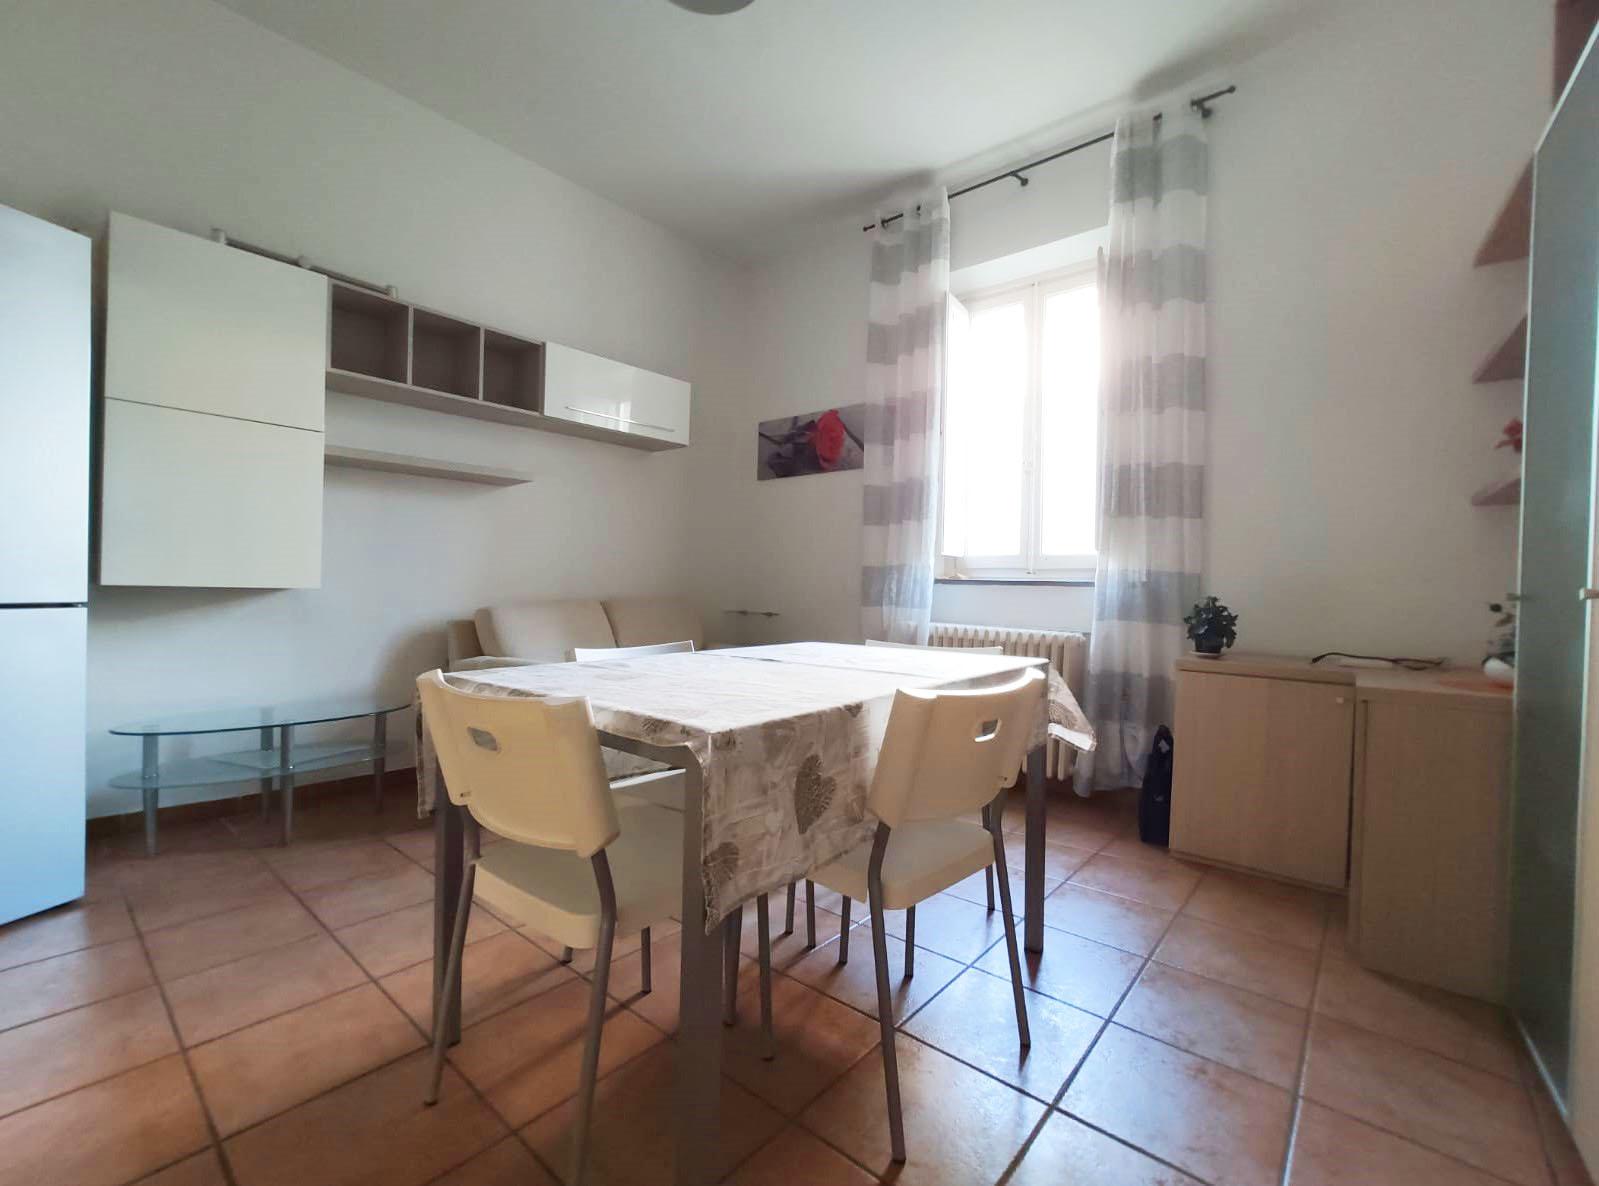 Appartamento in vendita a Vinci, 3 locali, prezzo € 65.000 | CambioCasa.it